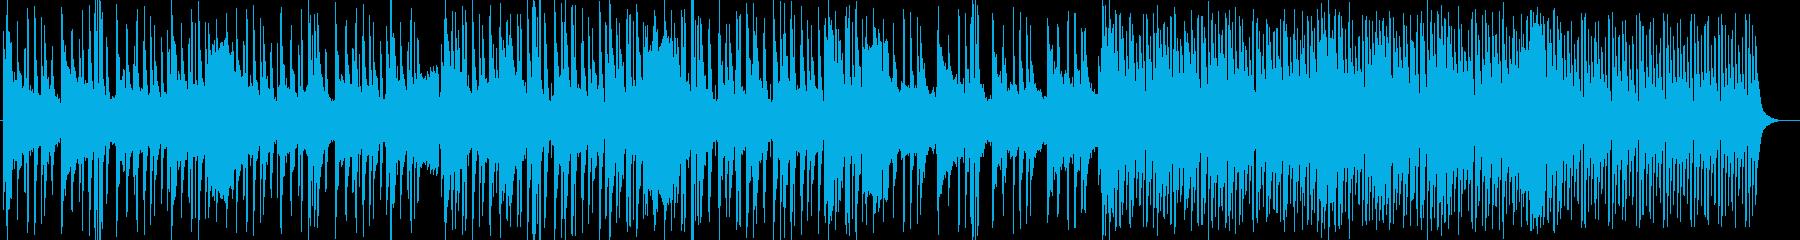 雰囲気のあるセクシーなchillの再生済みの波形